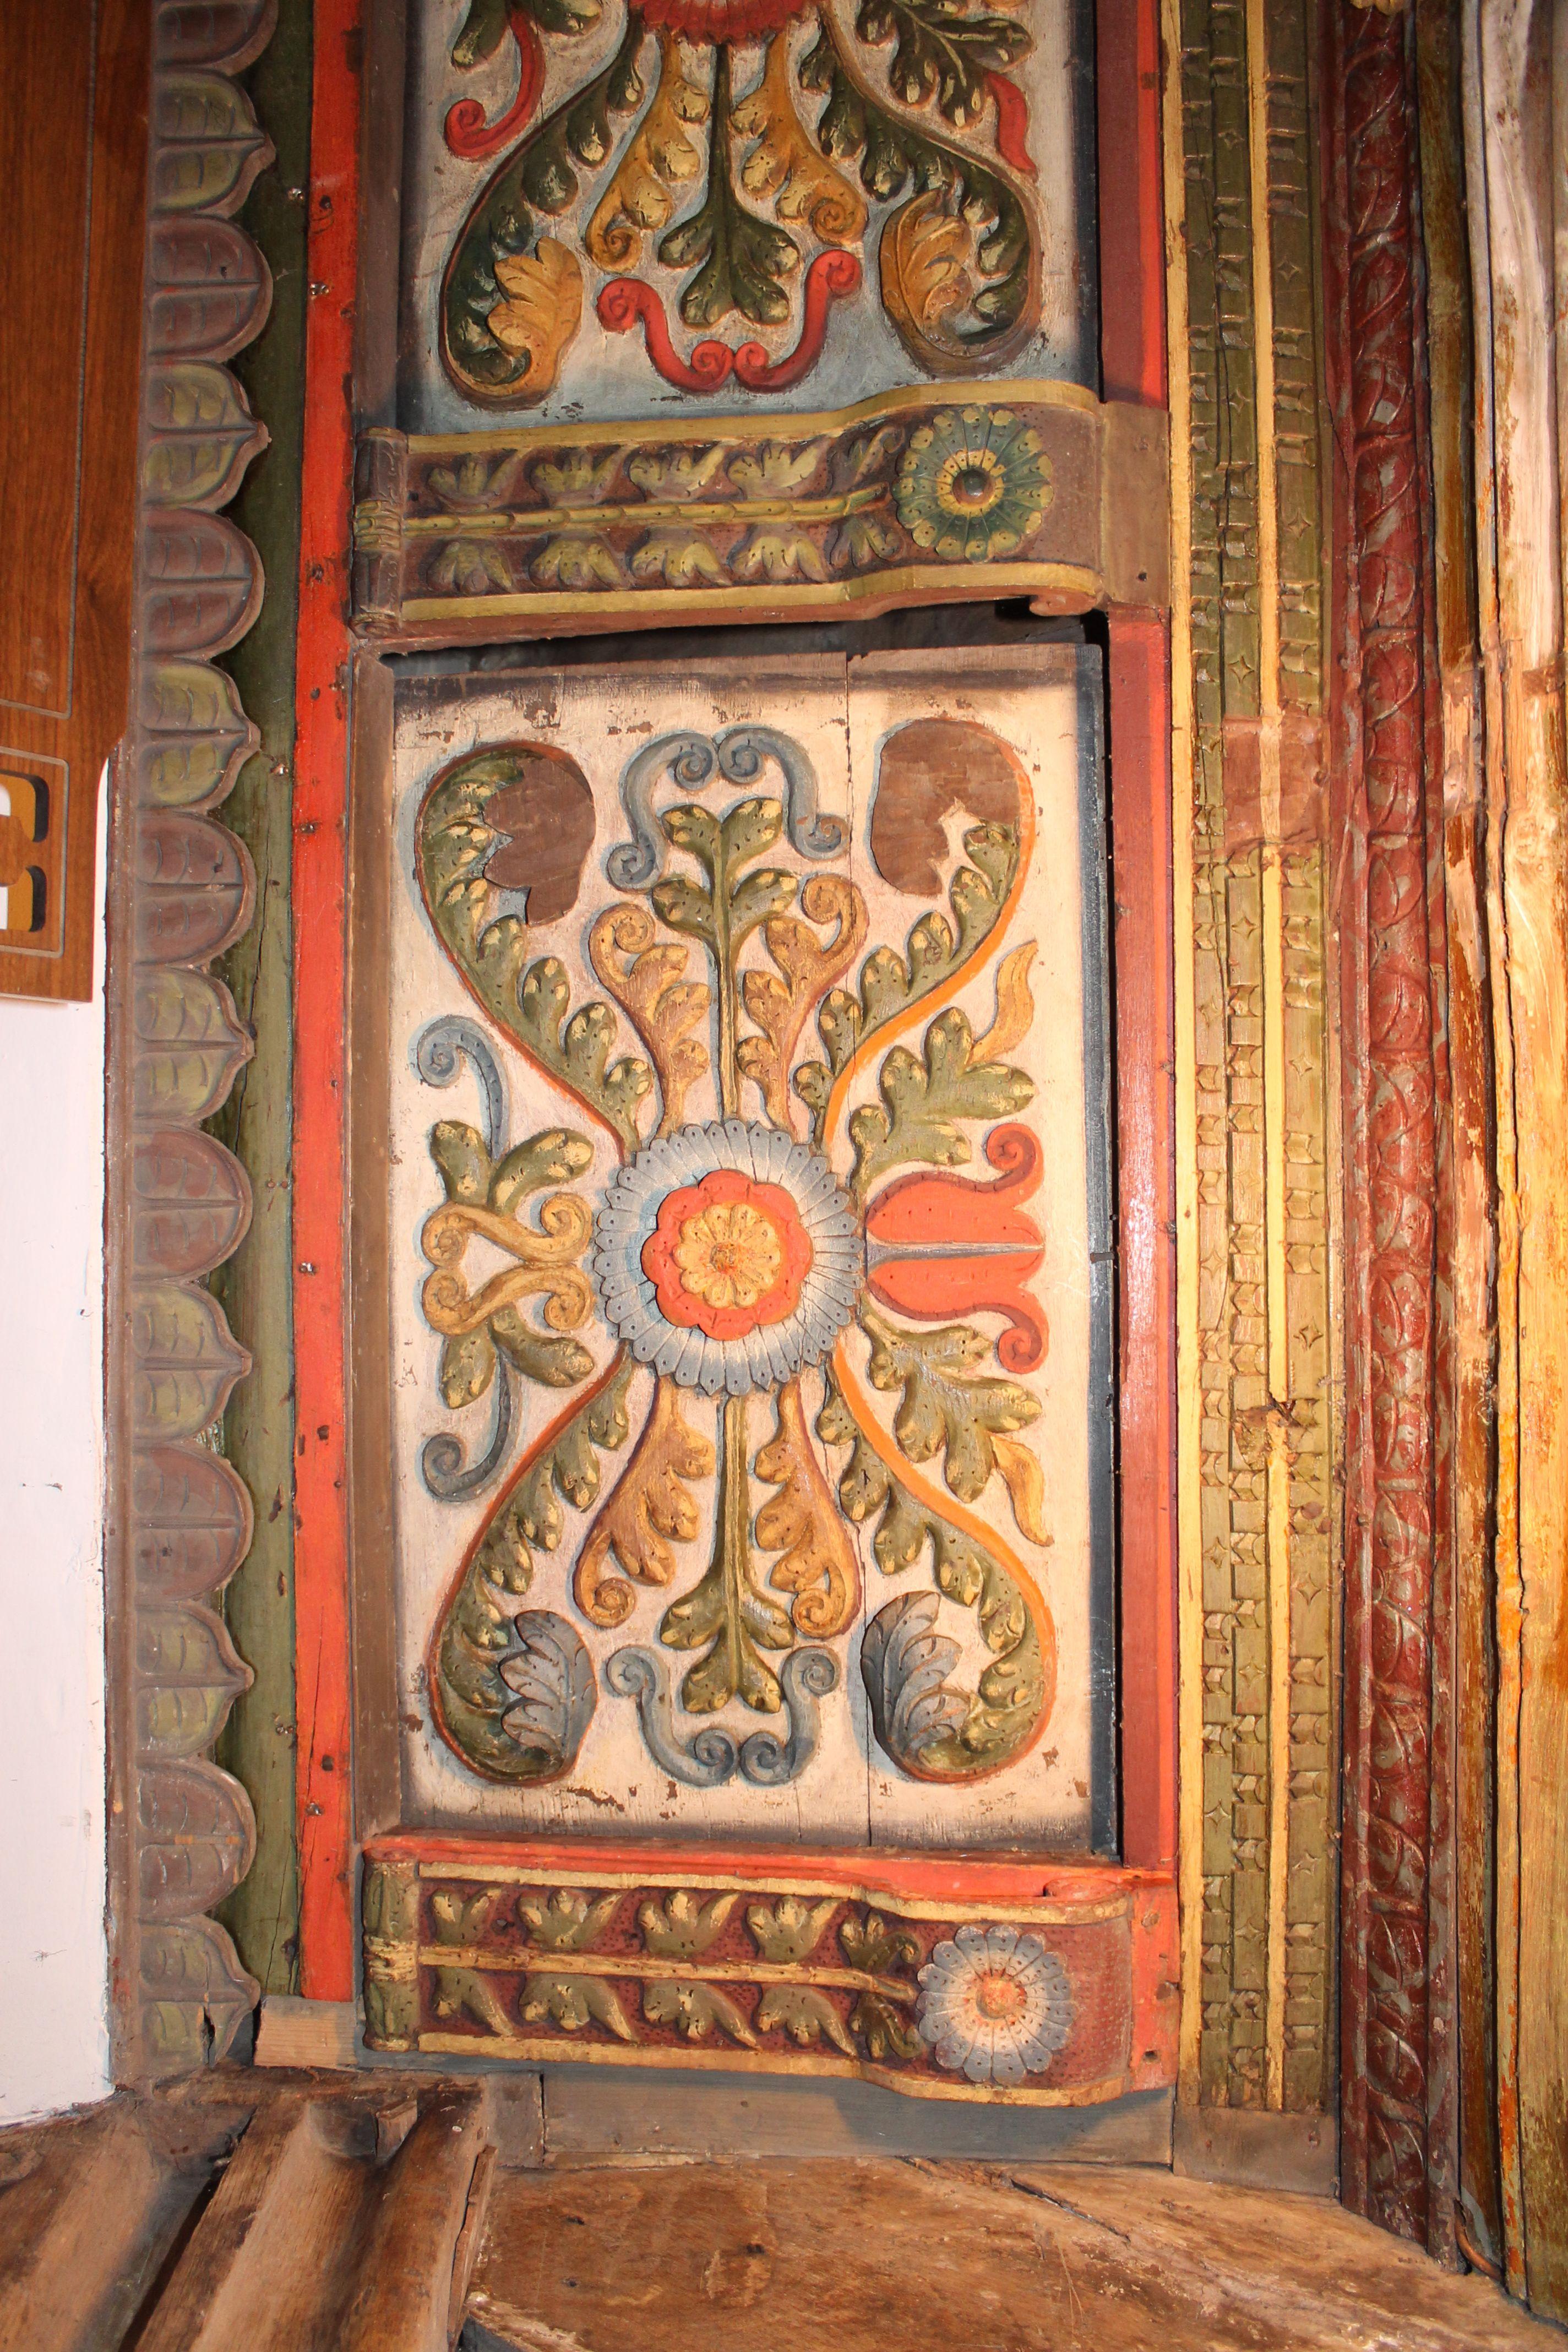 File:Capel y Rug Chapel, Corwen, Sir Ddinbych Cymru Wales 38.JPG